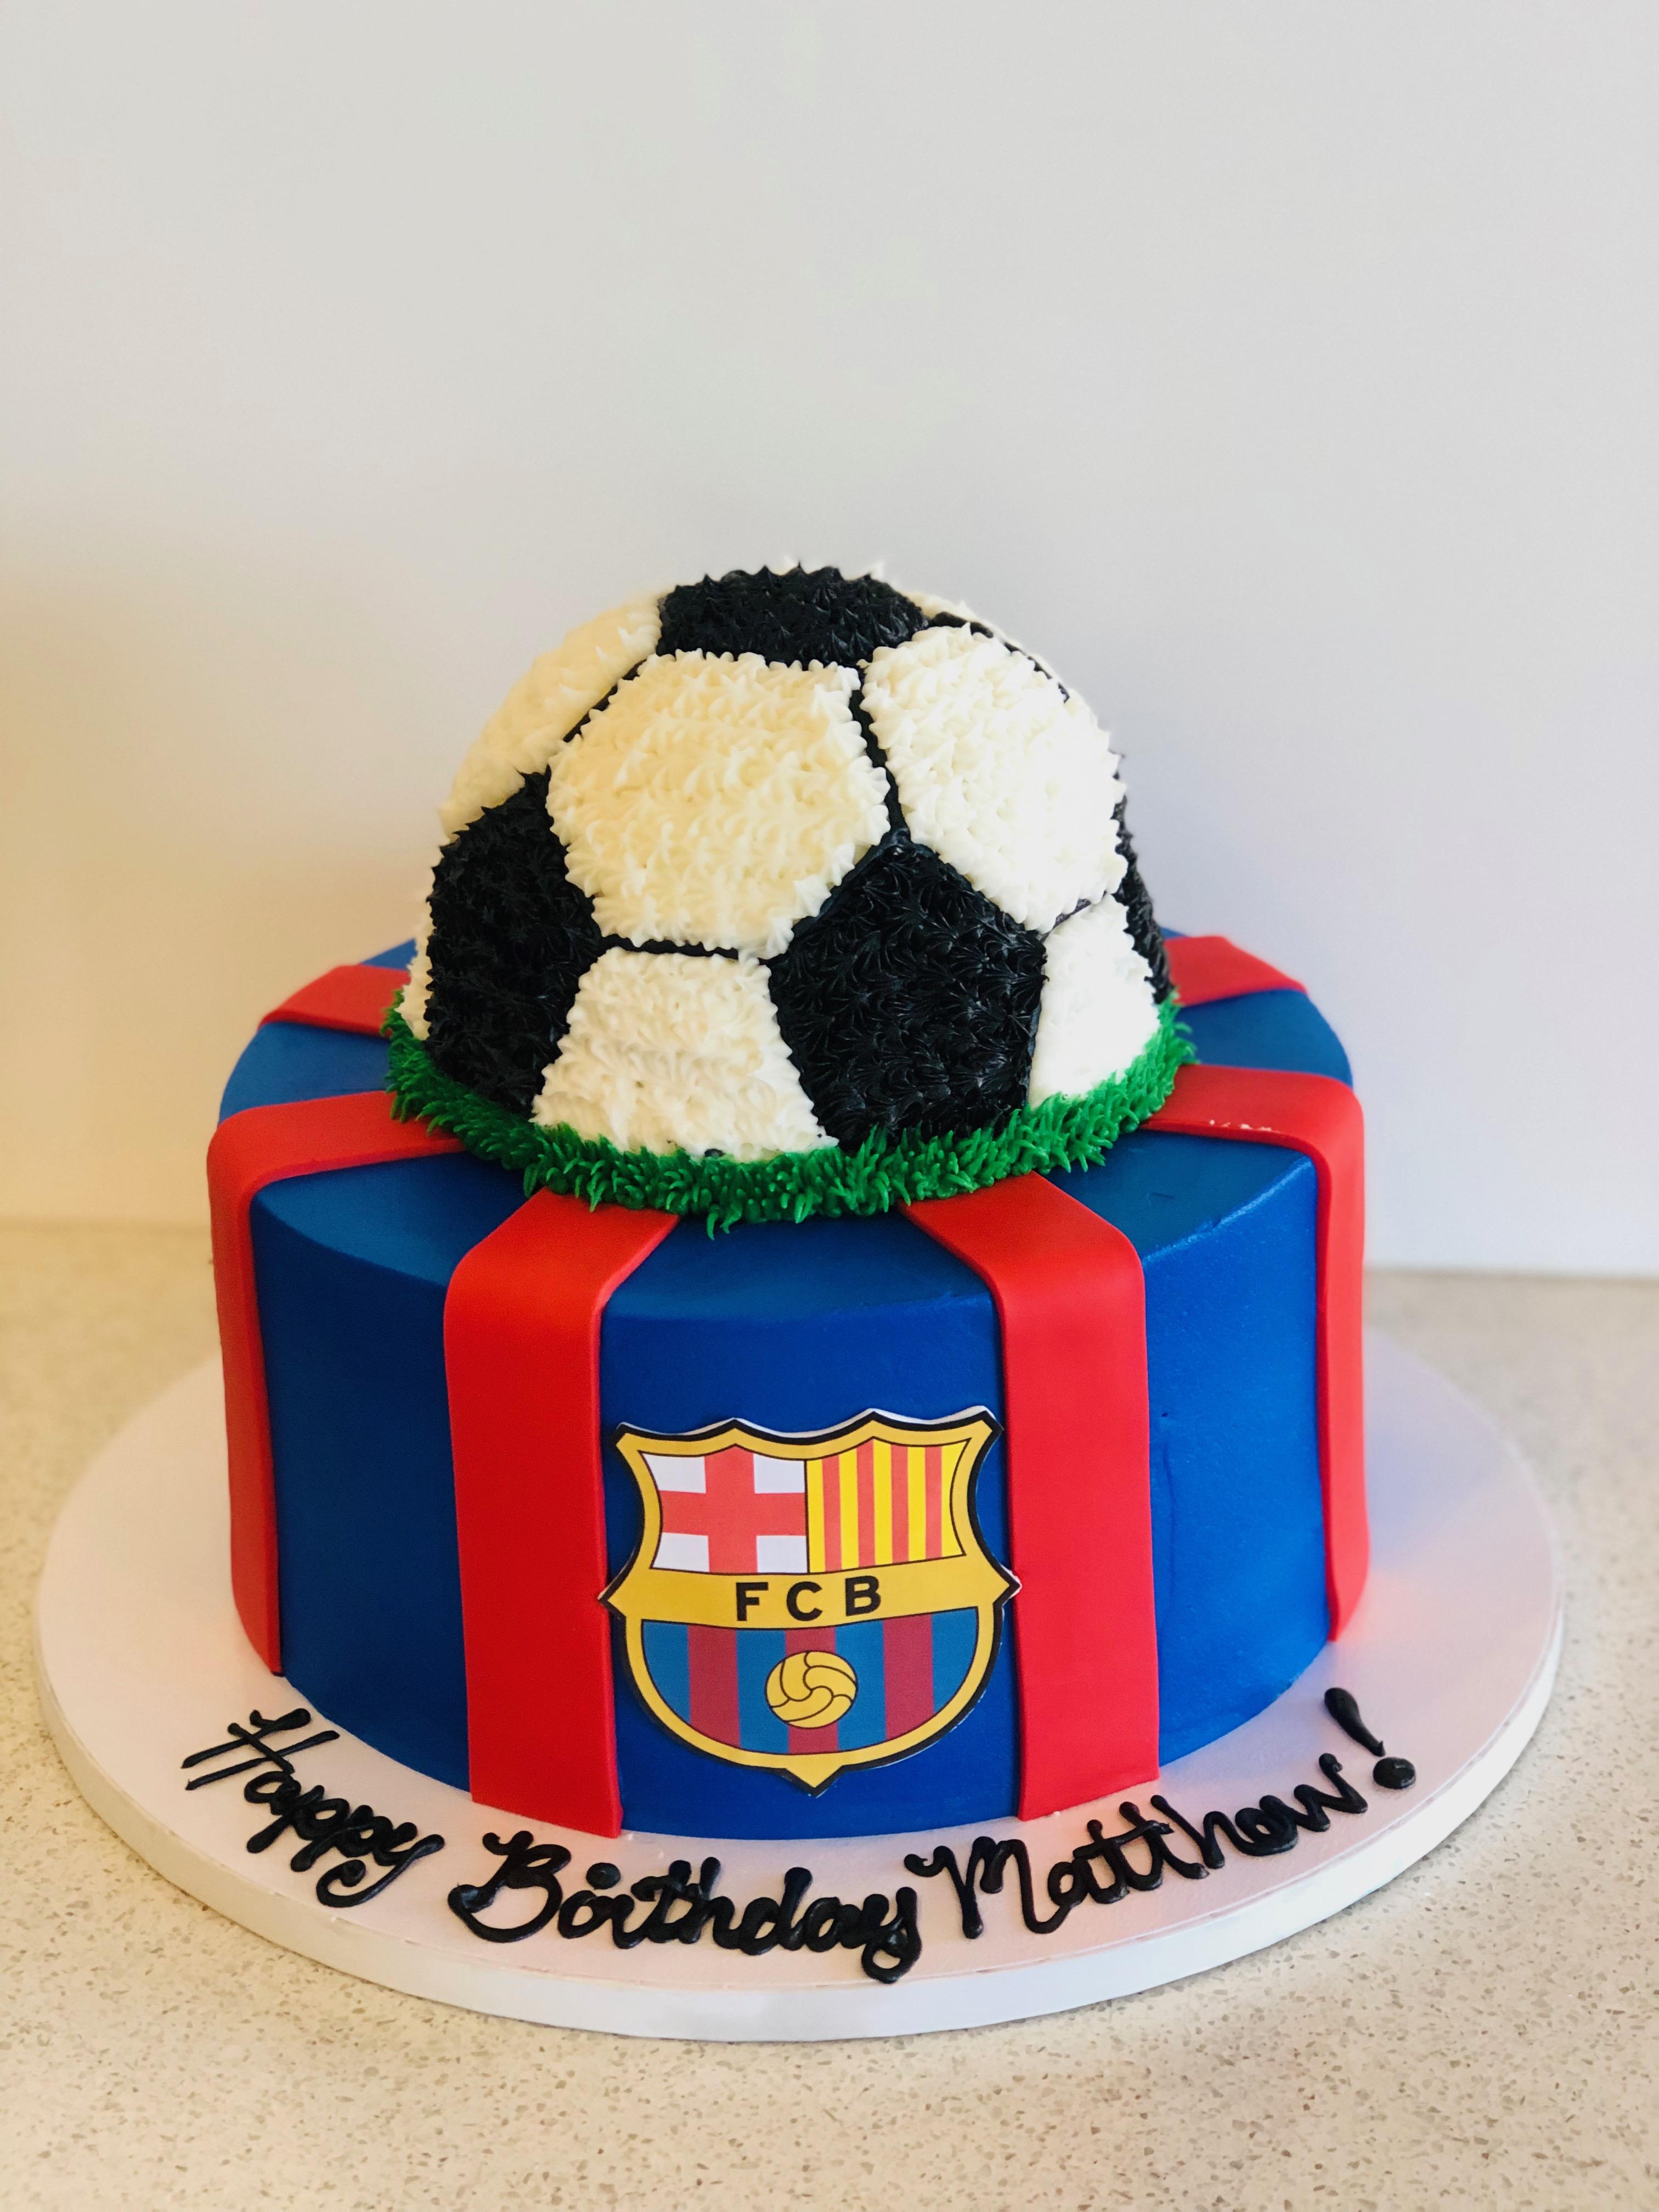 Celebration #9